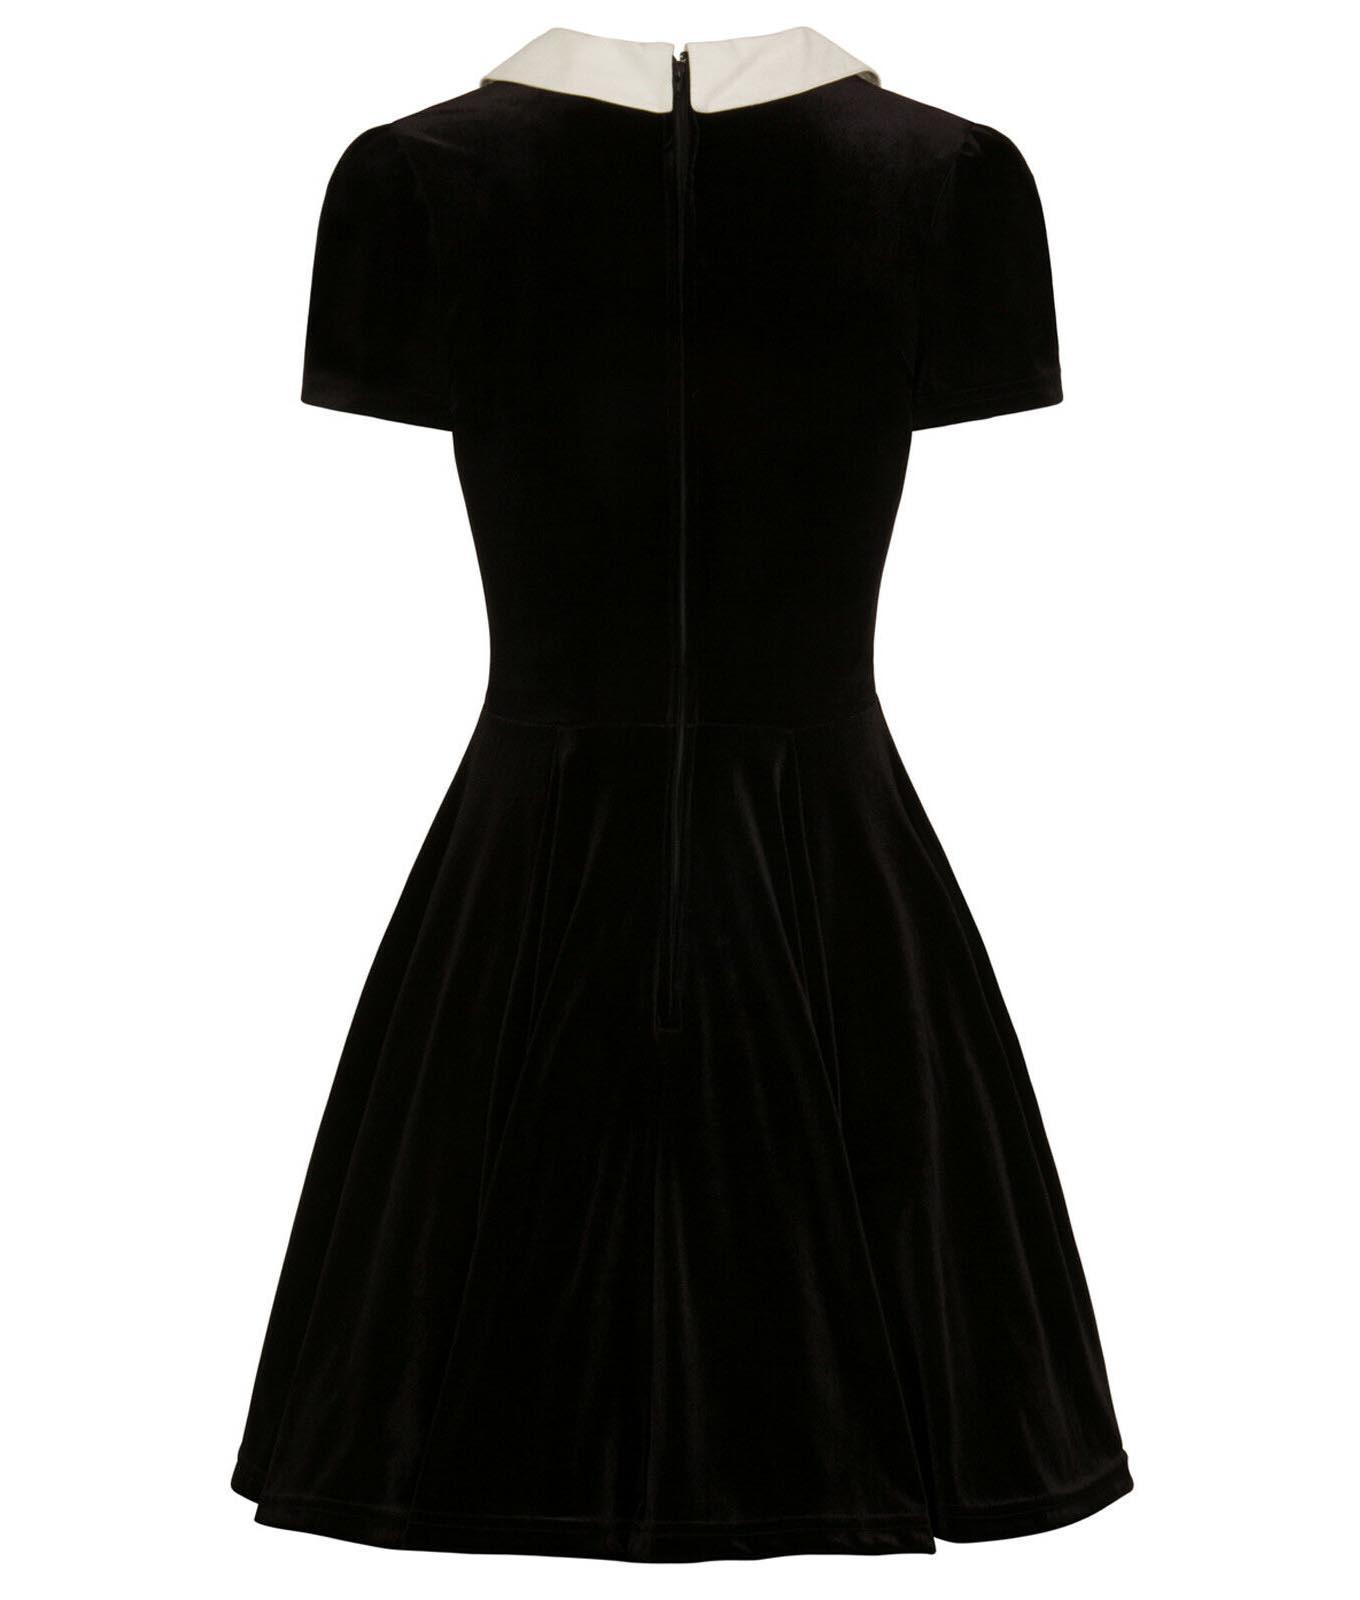 Hell-Bunny-Goth-Mini-Skater-Dress-NIGHTSHADE-Poison-Cherry-Black-Velvet-All-Size thumbnail 17